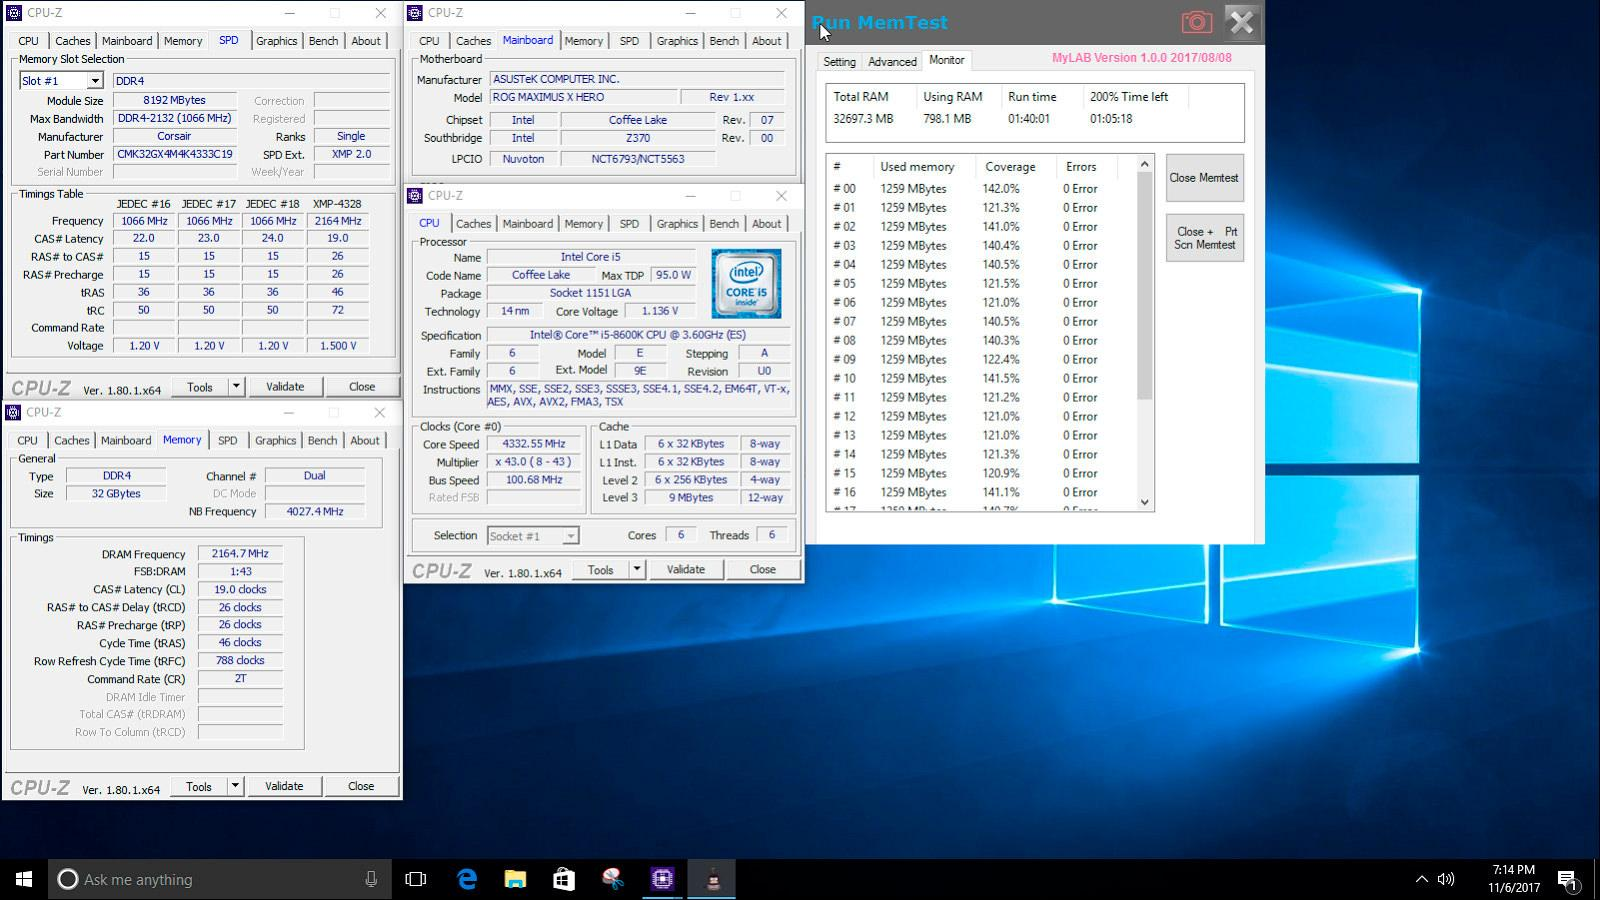 Corsair Vengeance LPX DDR4 4333 3